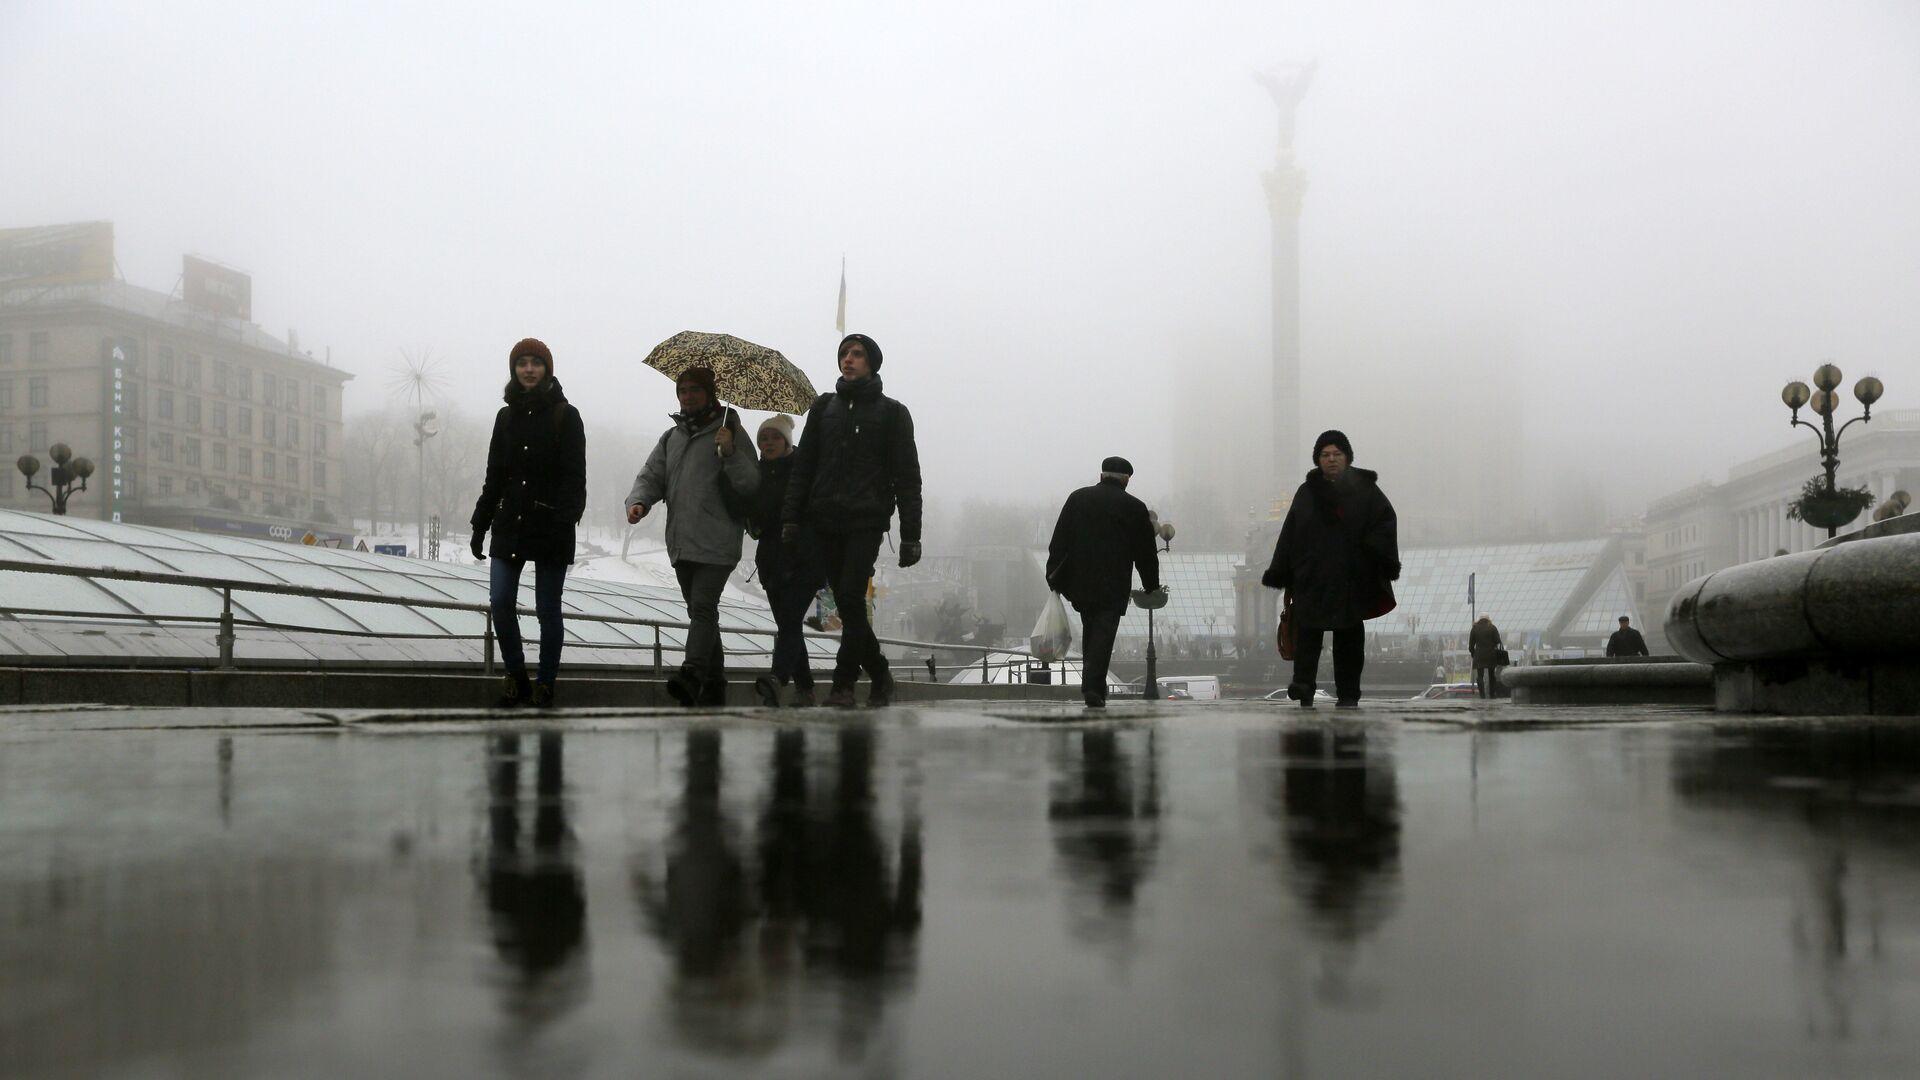 Прохожие на площади Независимости в Киеве, Украина - РИА Новости, 1920, 15.02.2021